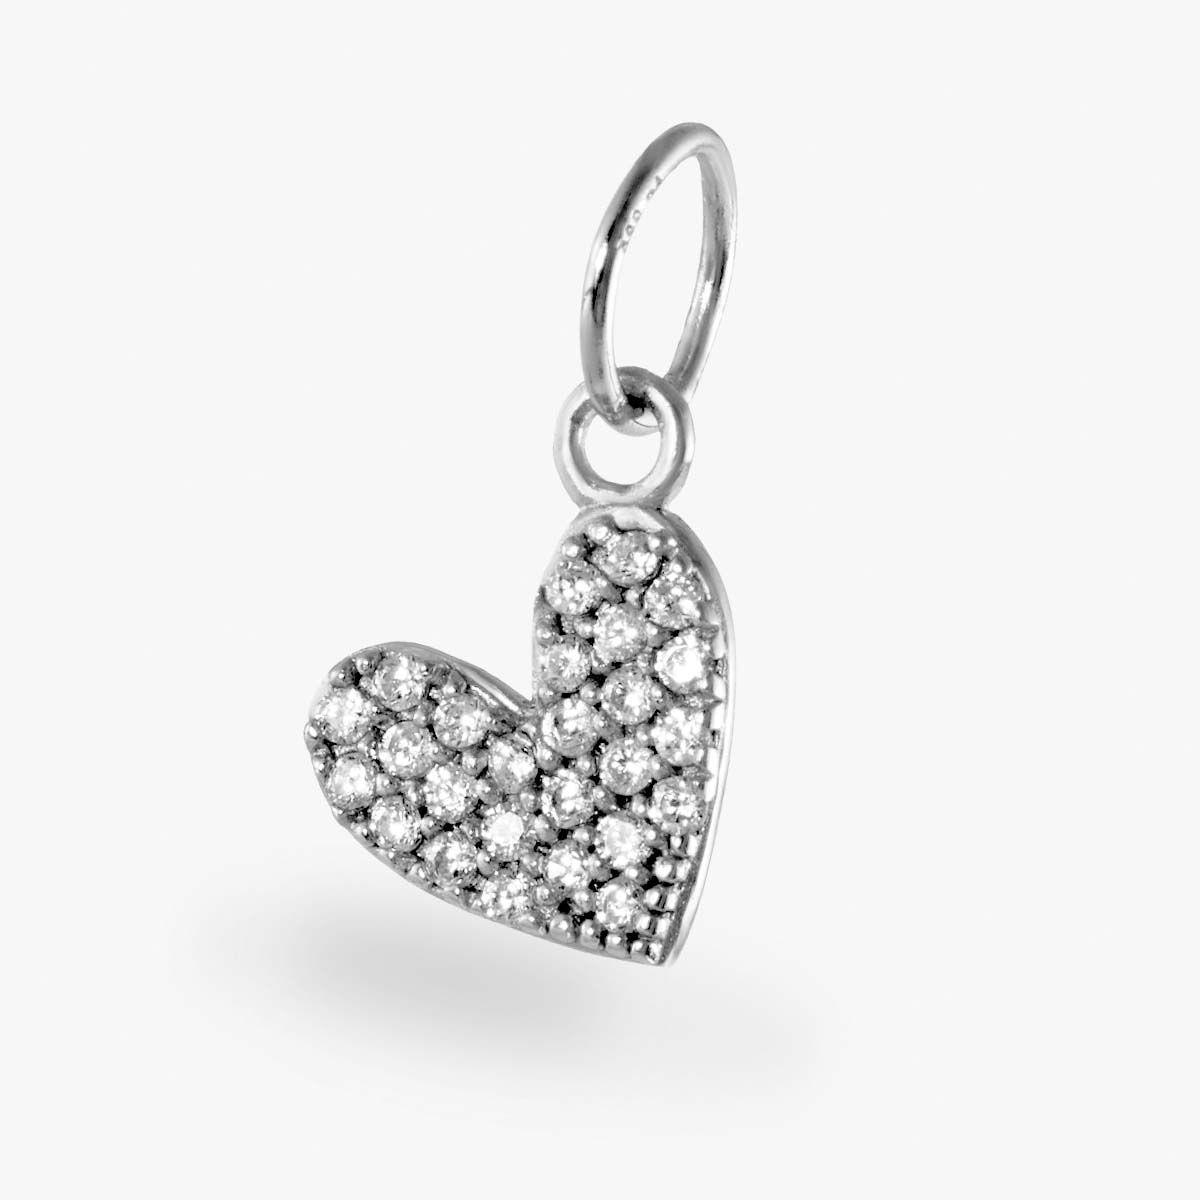 Pavé Herz Anhänger - Kettenanhänger - Silber